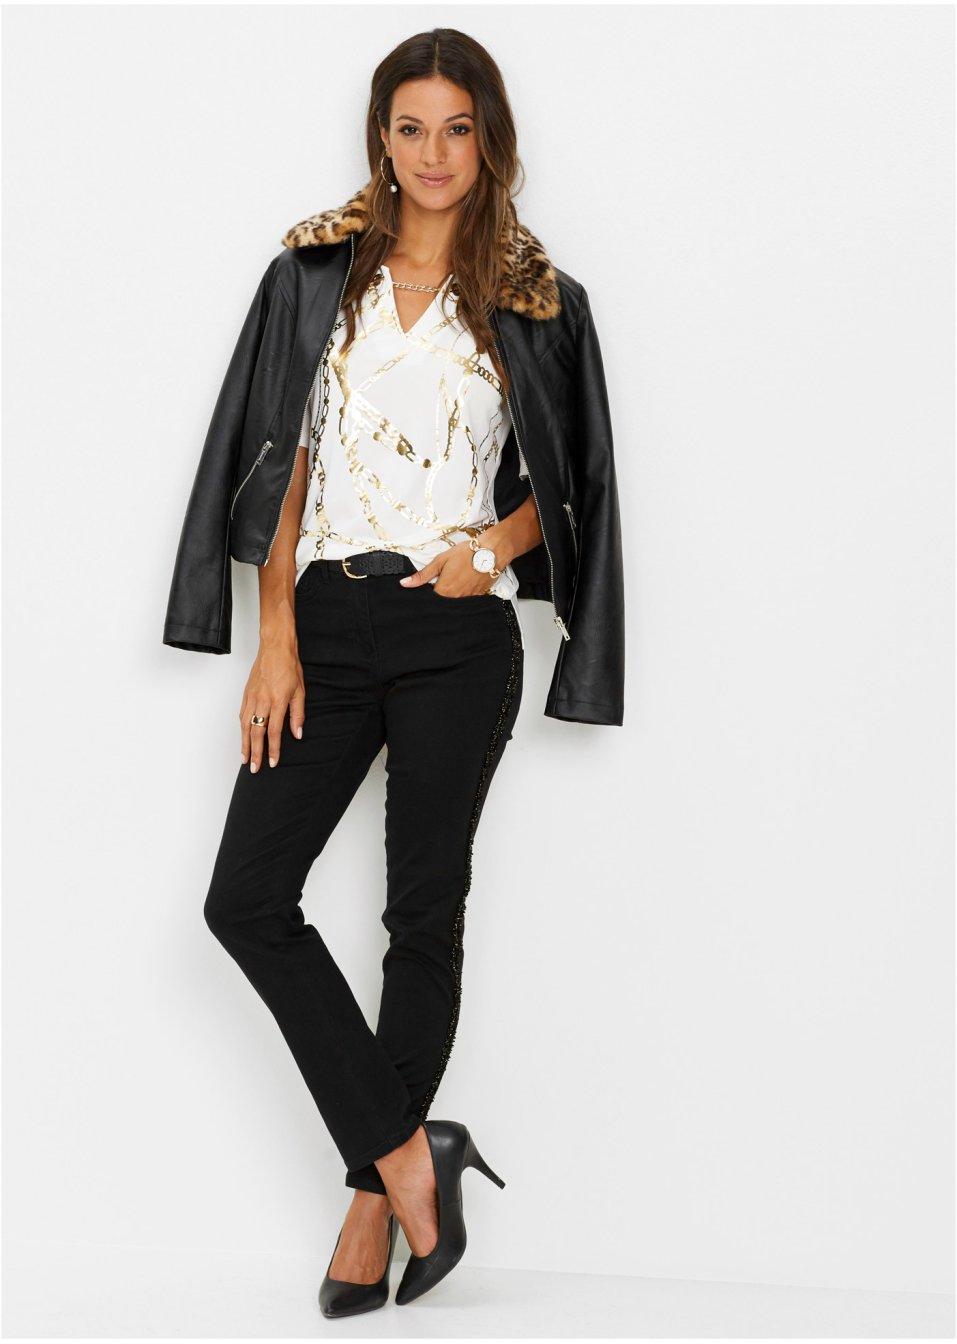 Mode Femme Vêtements DJLfdOFlkj T-shirt imprimé moderne à détail chaîne blanc/doré